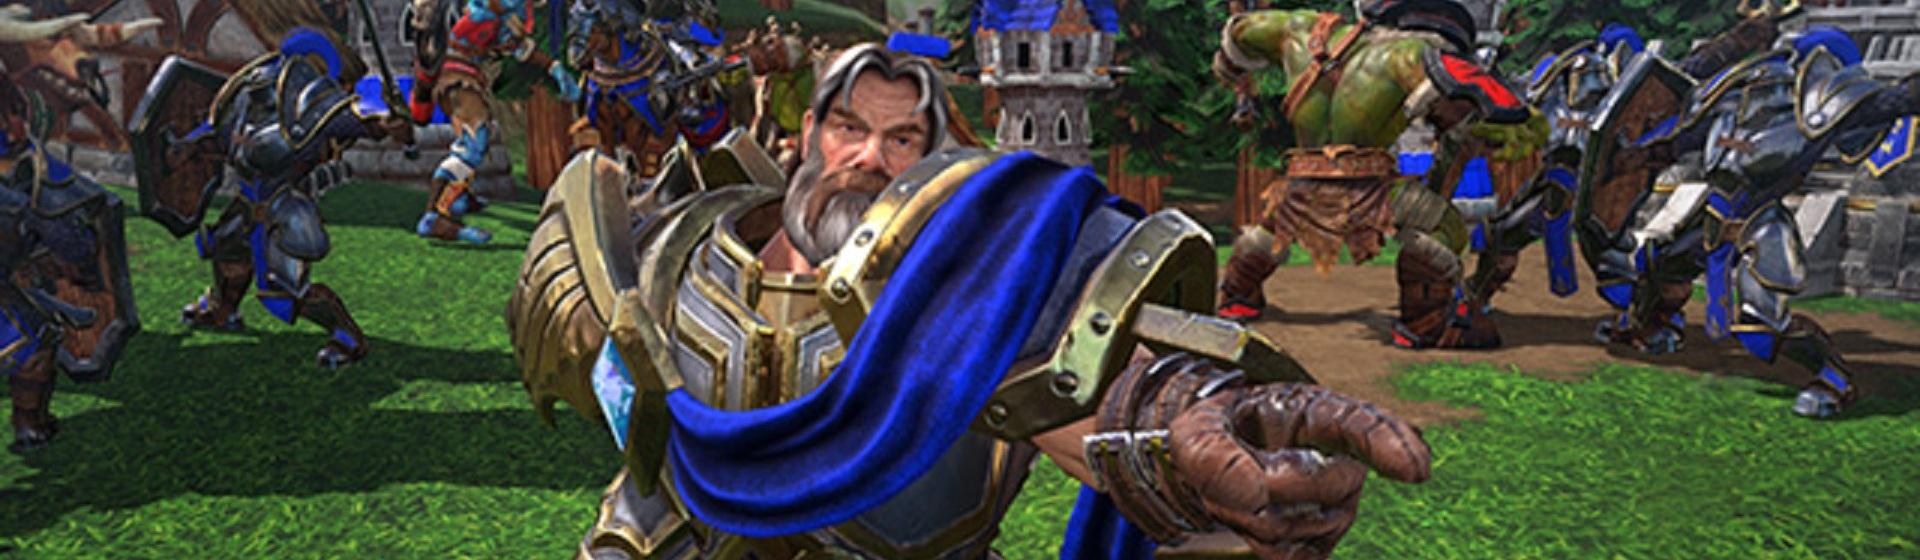 Warcraft 3: Reforge